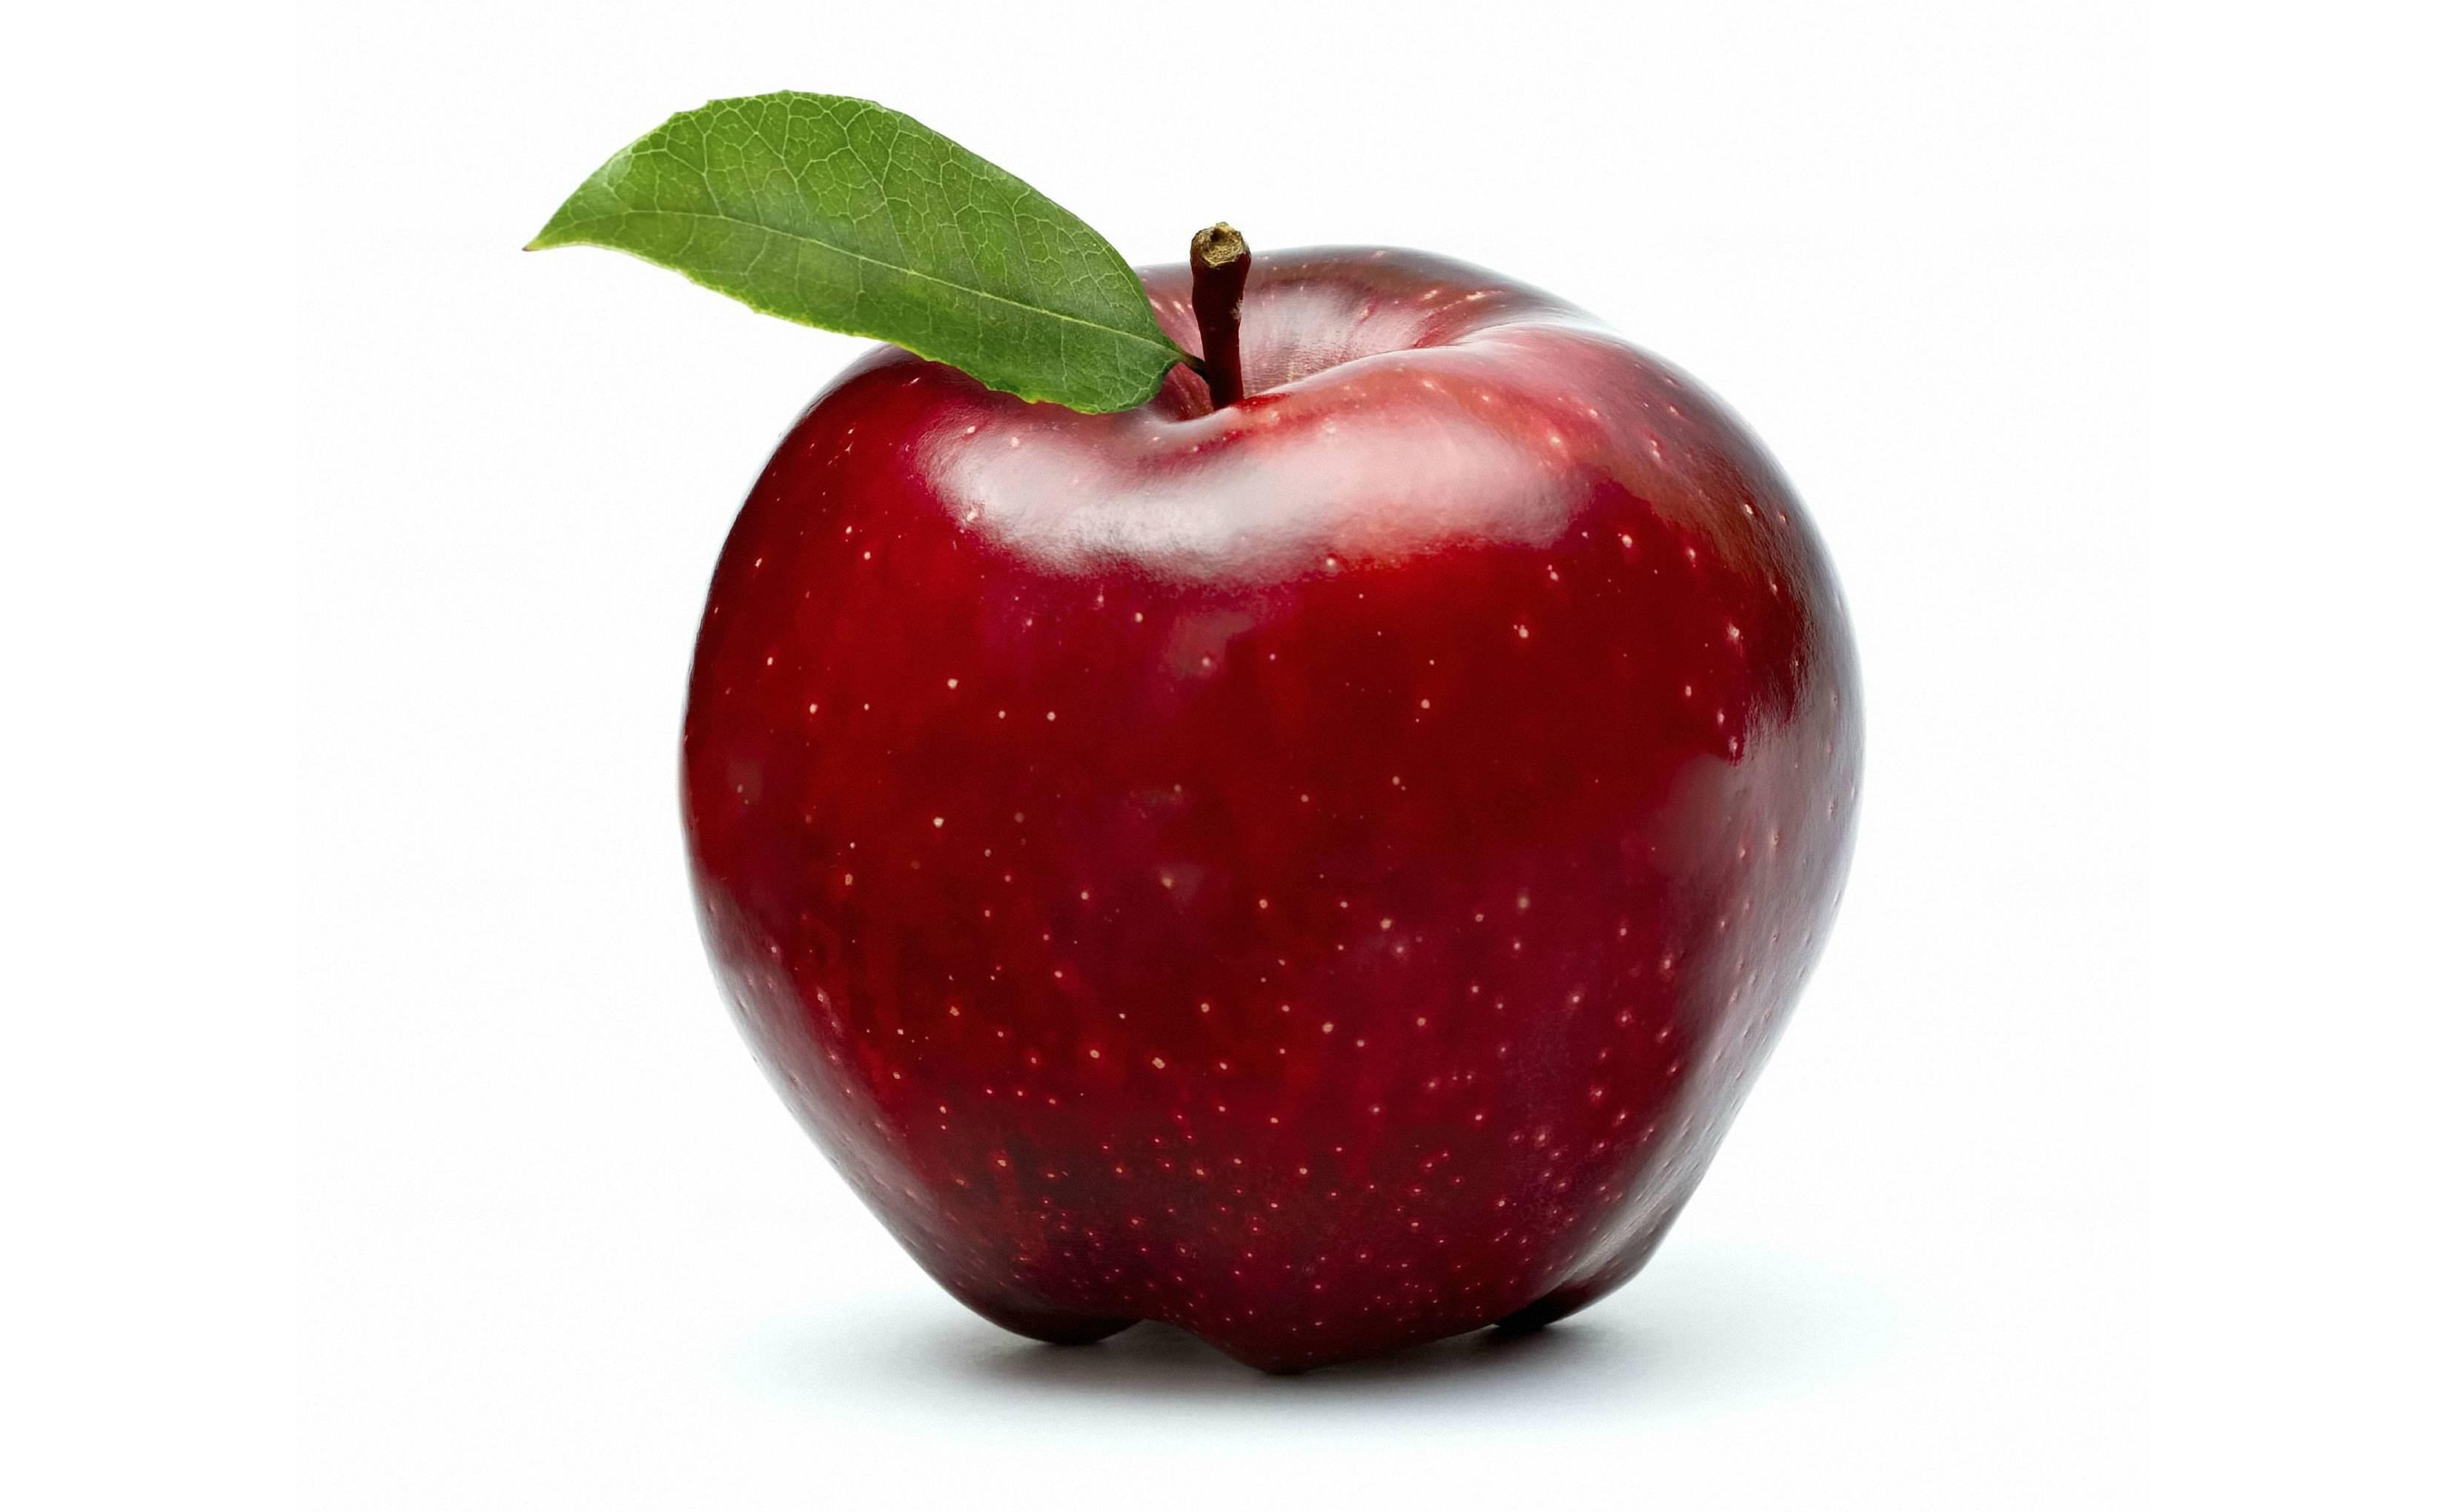 Diete Per Perdere Peso In Pochi Giorni : Dieta della mela rossa giorni per dimagrire